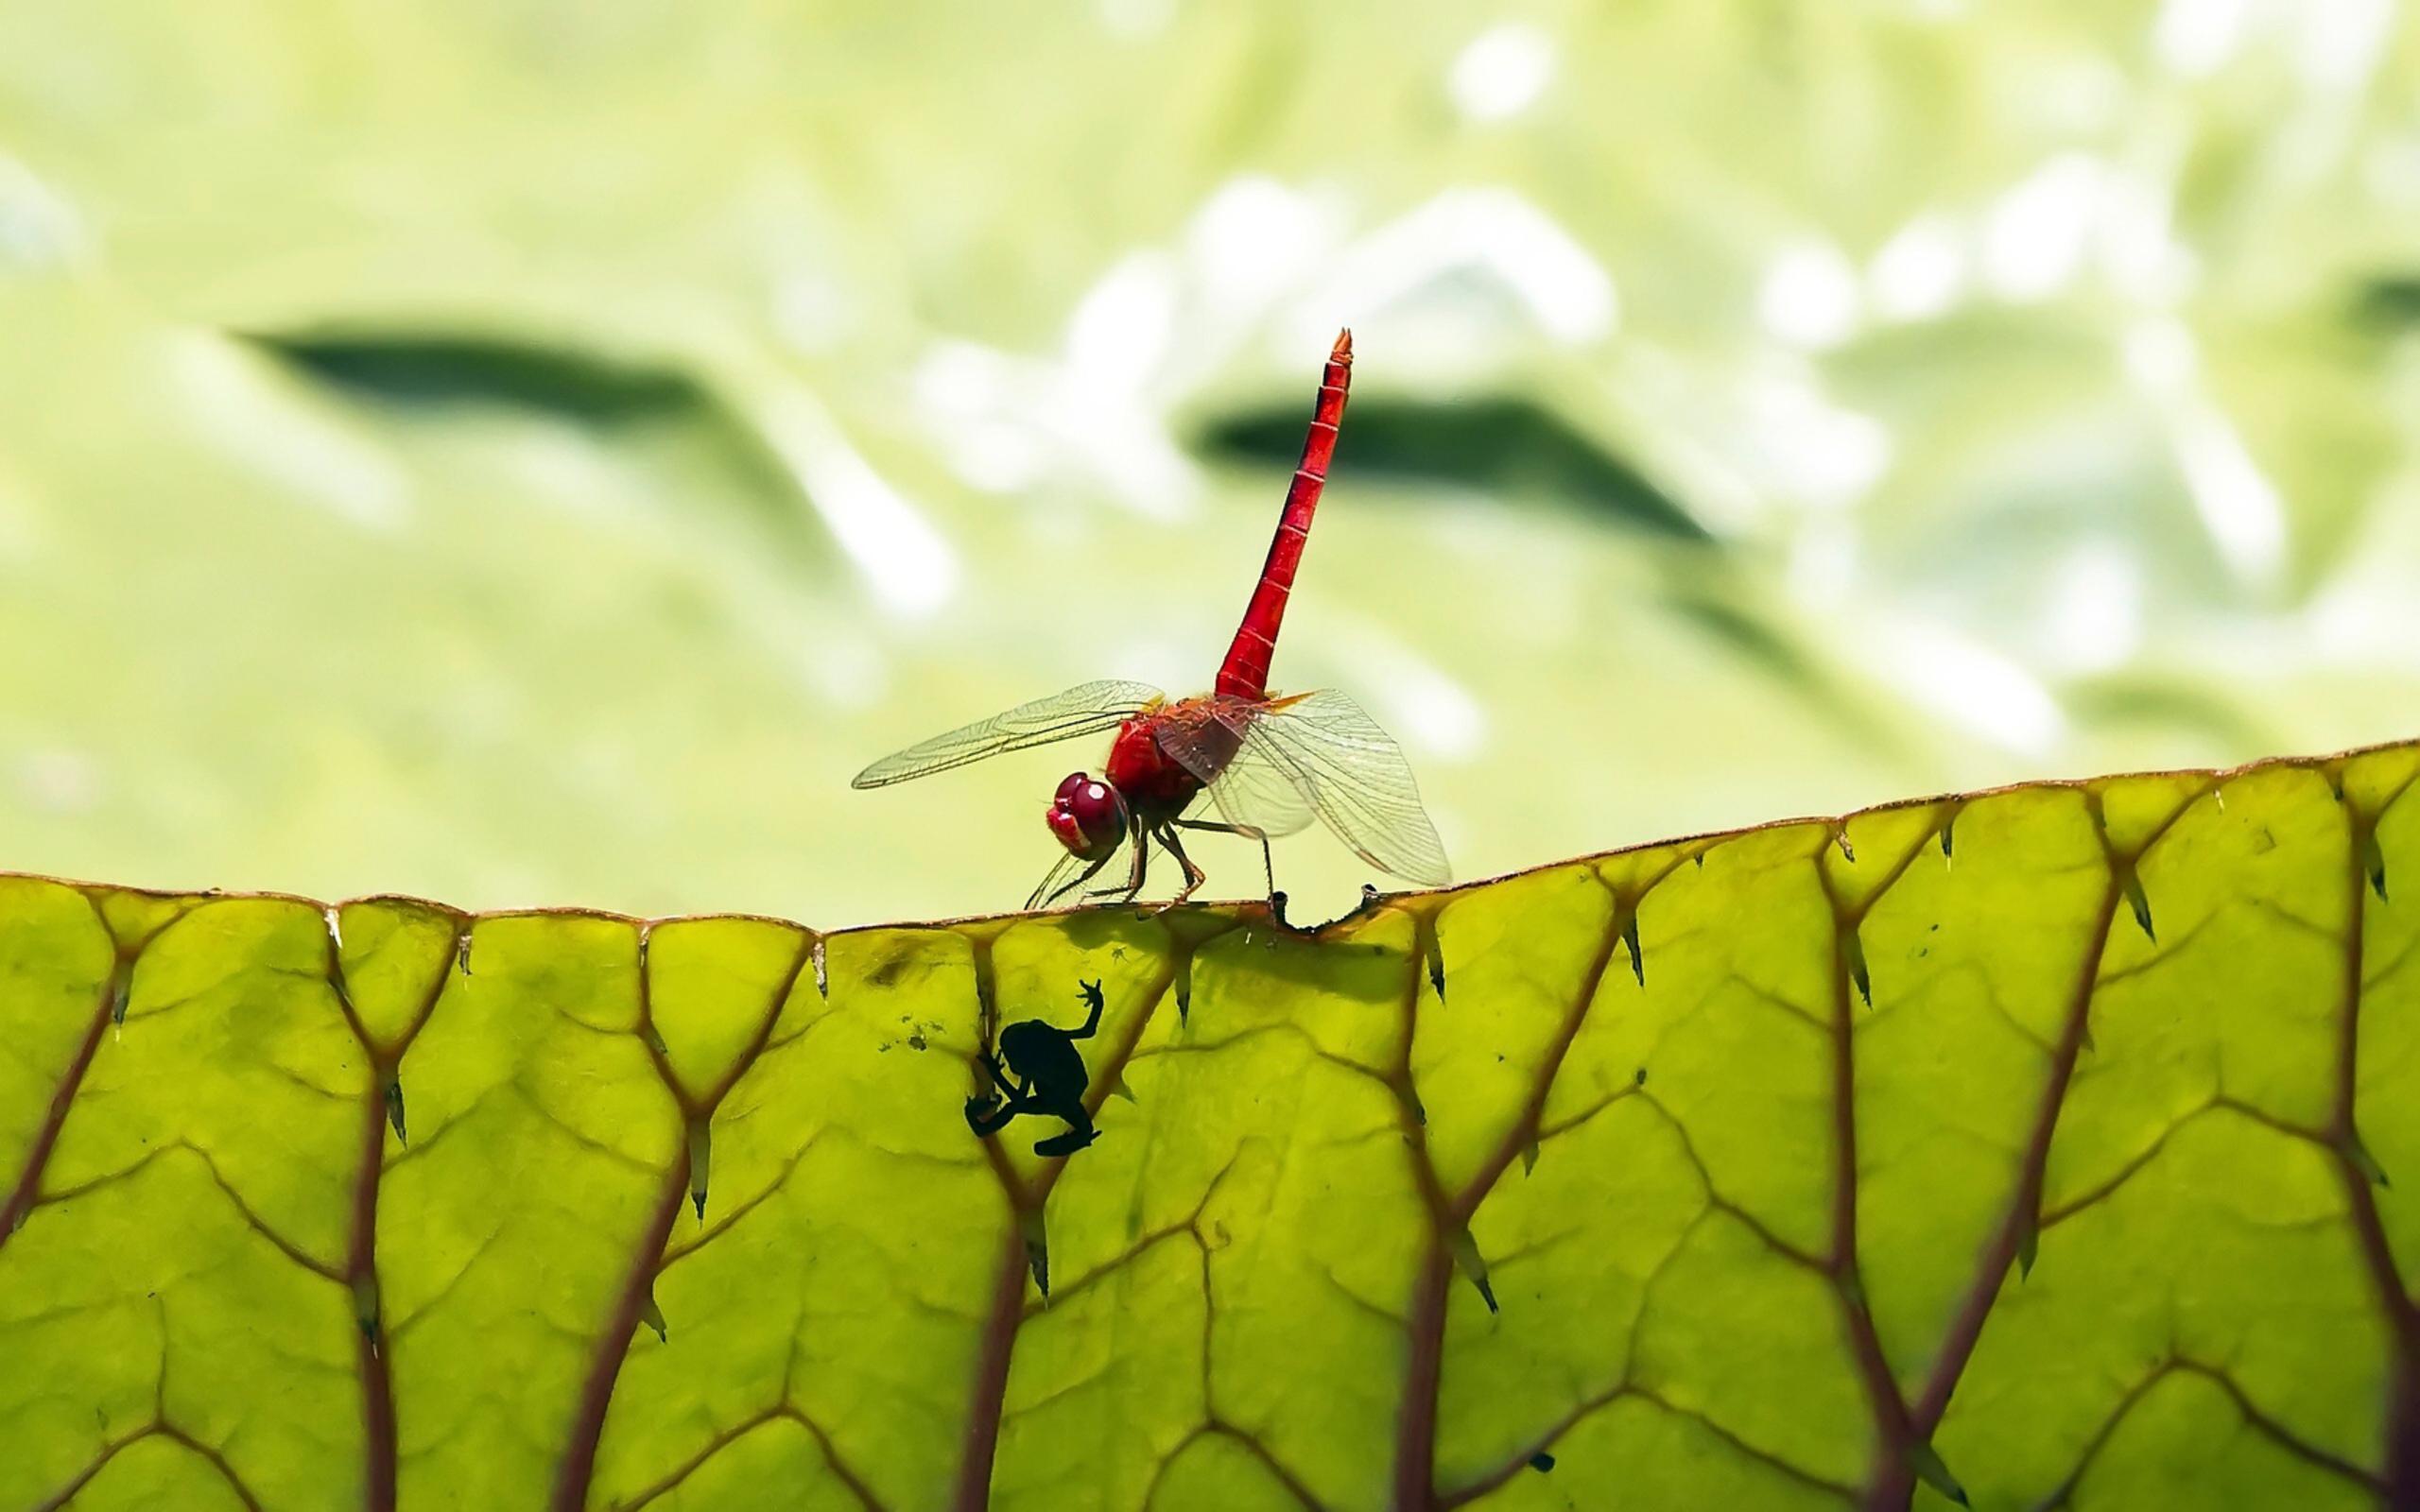 природа макро животные насекомое стрекоза  № 2748010 бесплатно